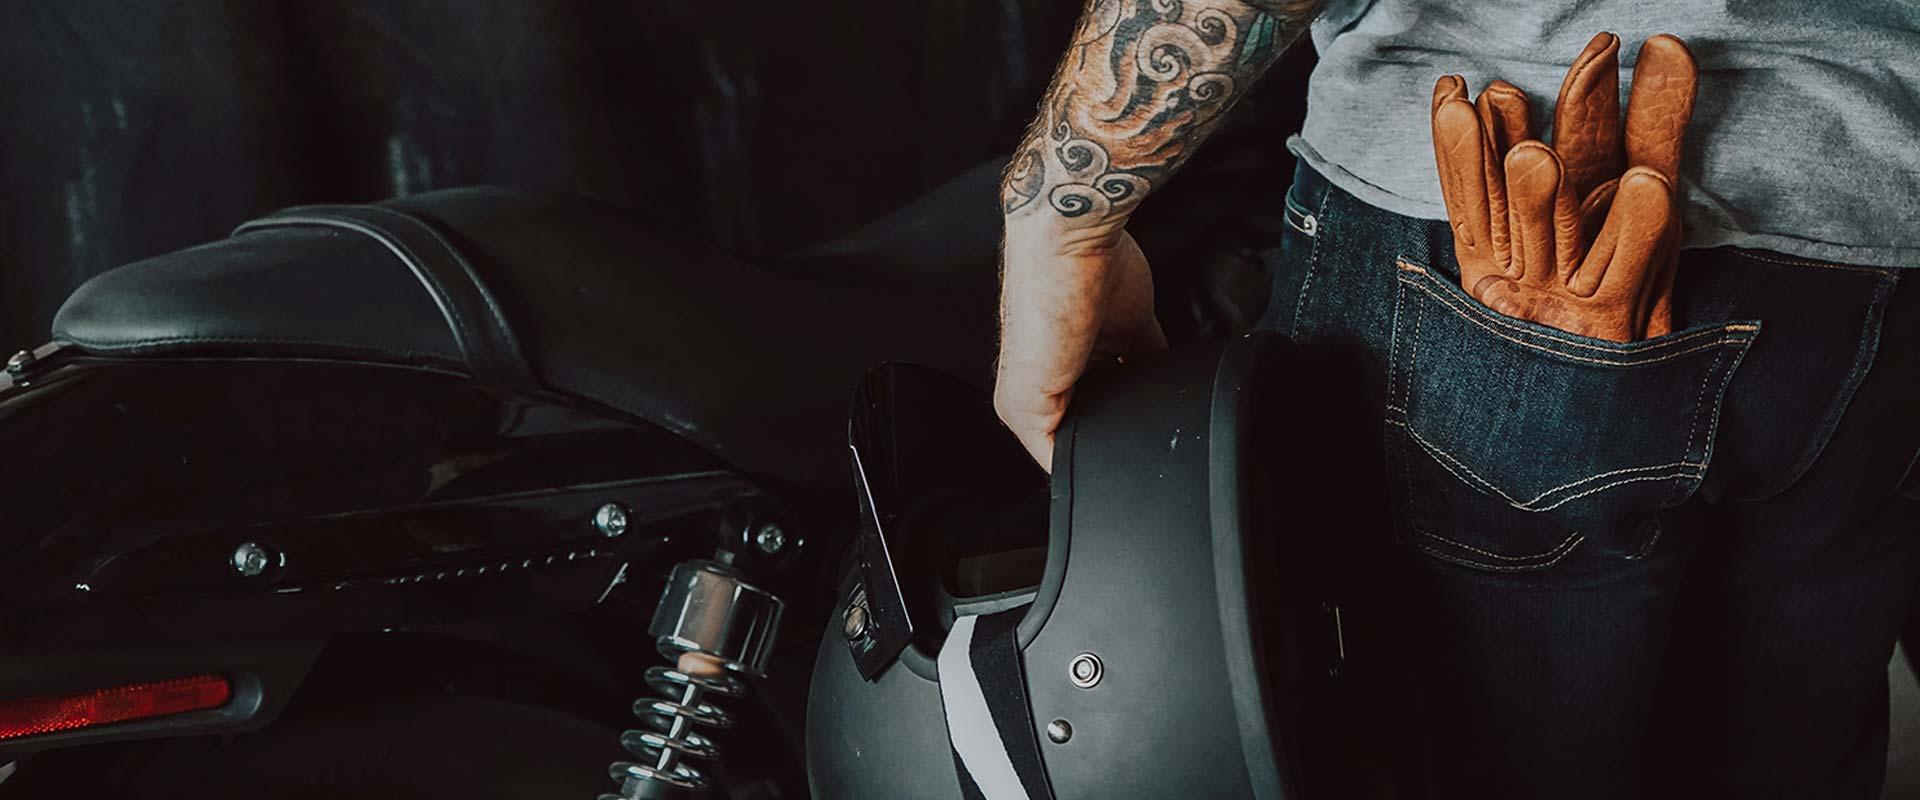 Équipements moto obligatoires